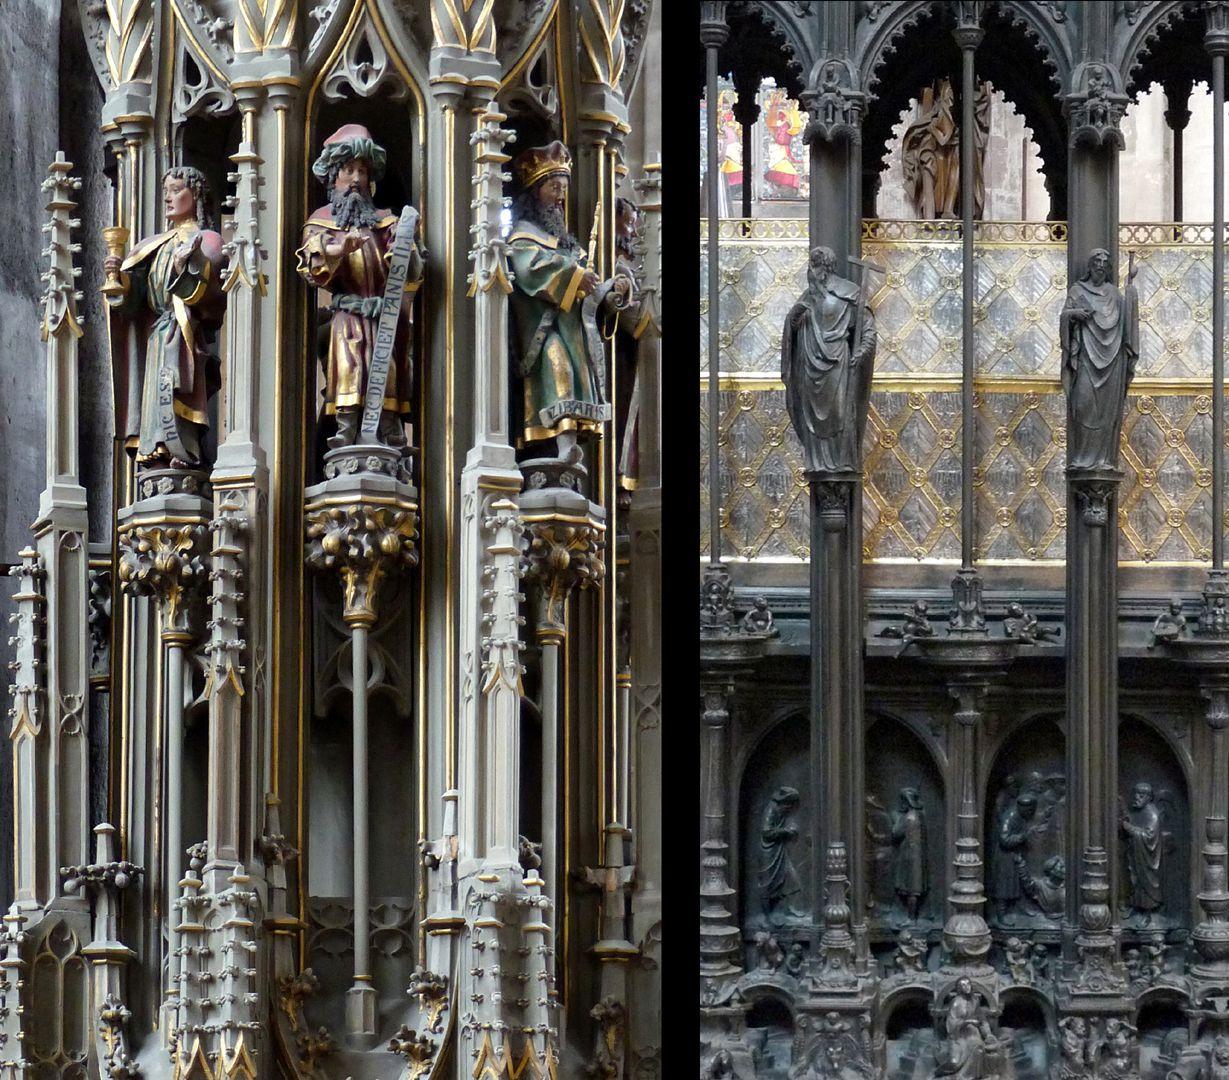 Sebaldusgrab Die Vertikalgliederung des Sebaldusgrabs (Foto rechts) ist als solche gotisch und vergleichbar mit vielen früheren Beispielen wie das Sakramentshaus von Sankt Georg in Dinkelsbühl von 1480, (Foto links).